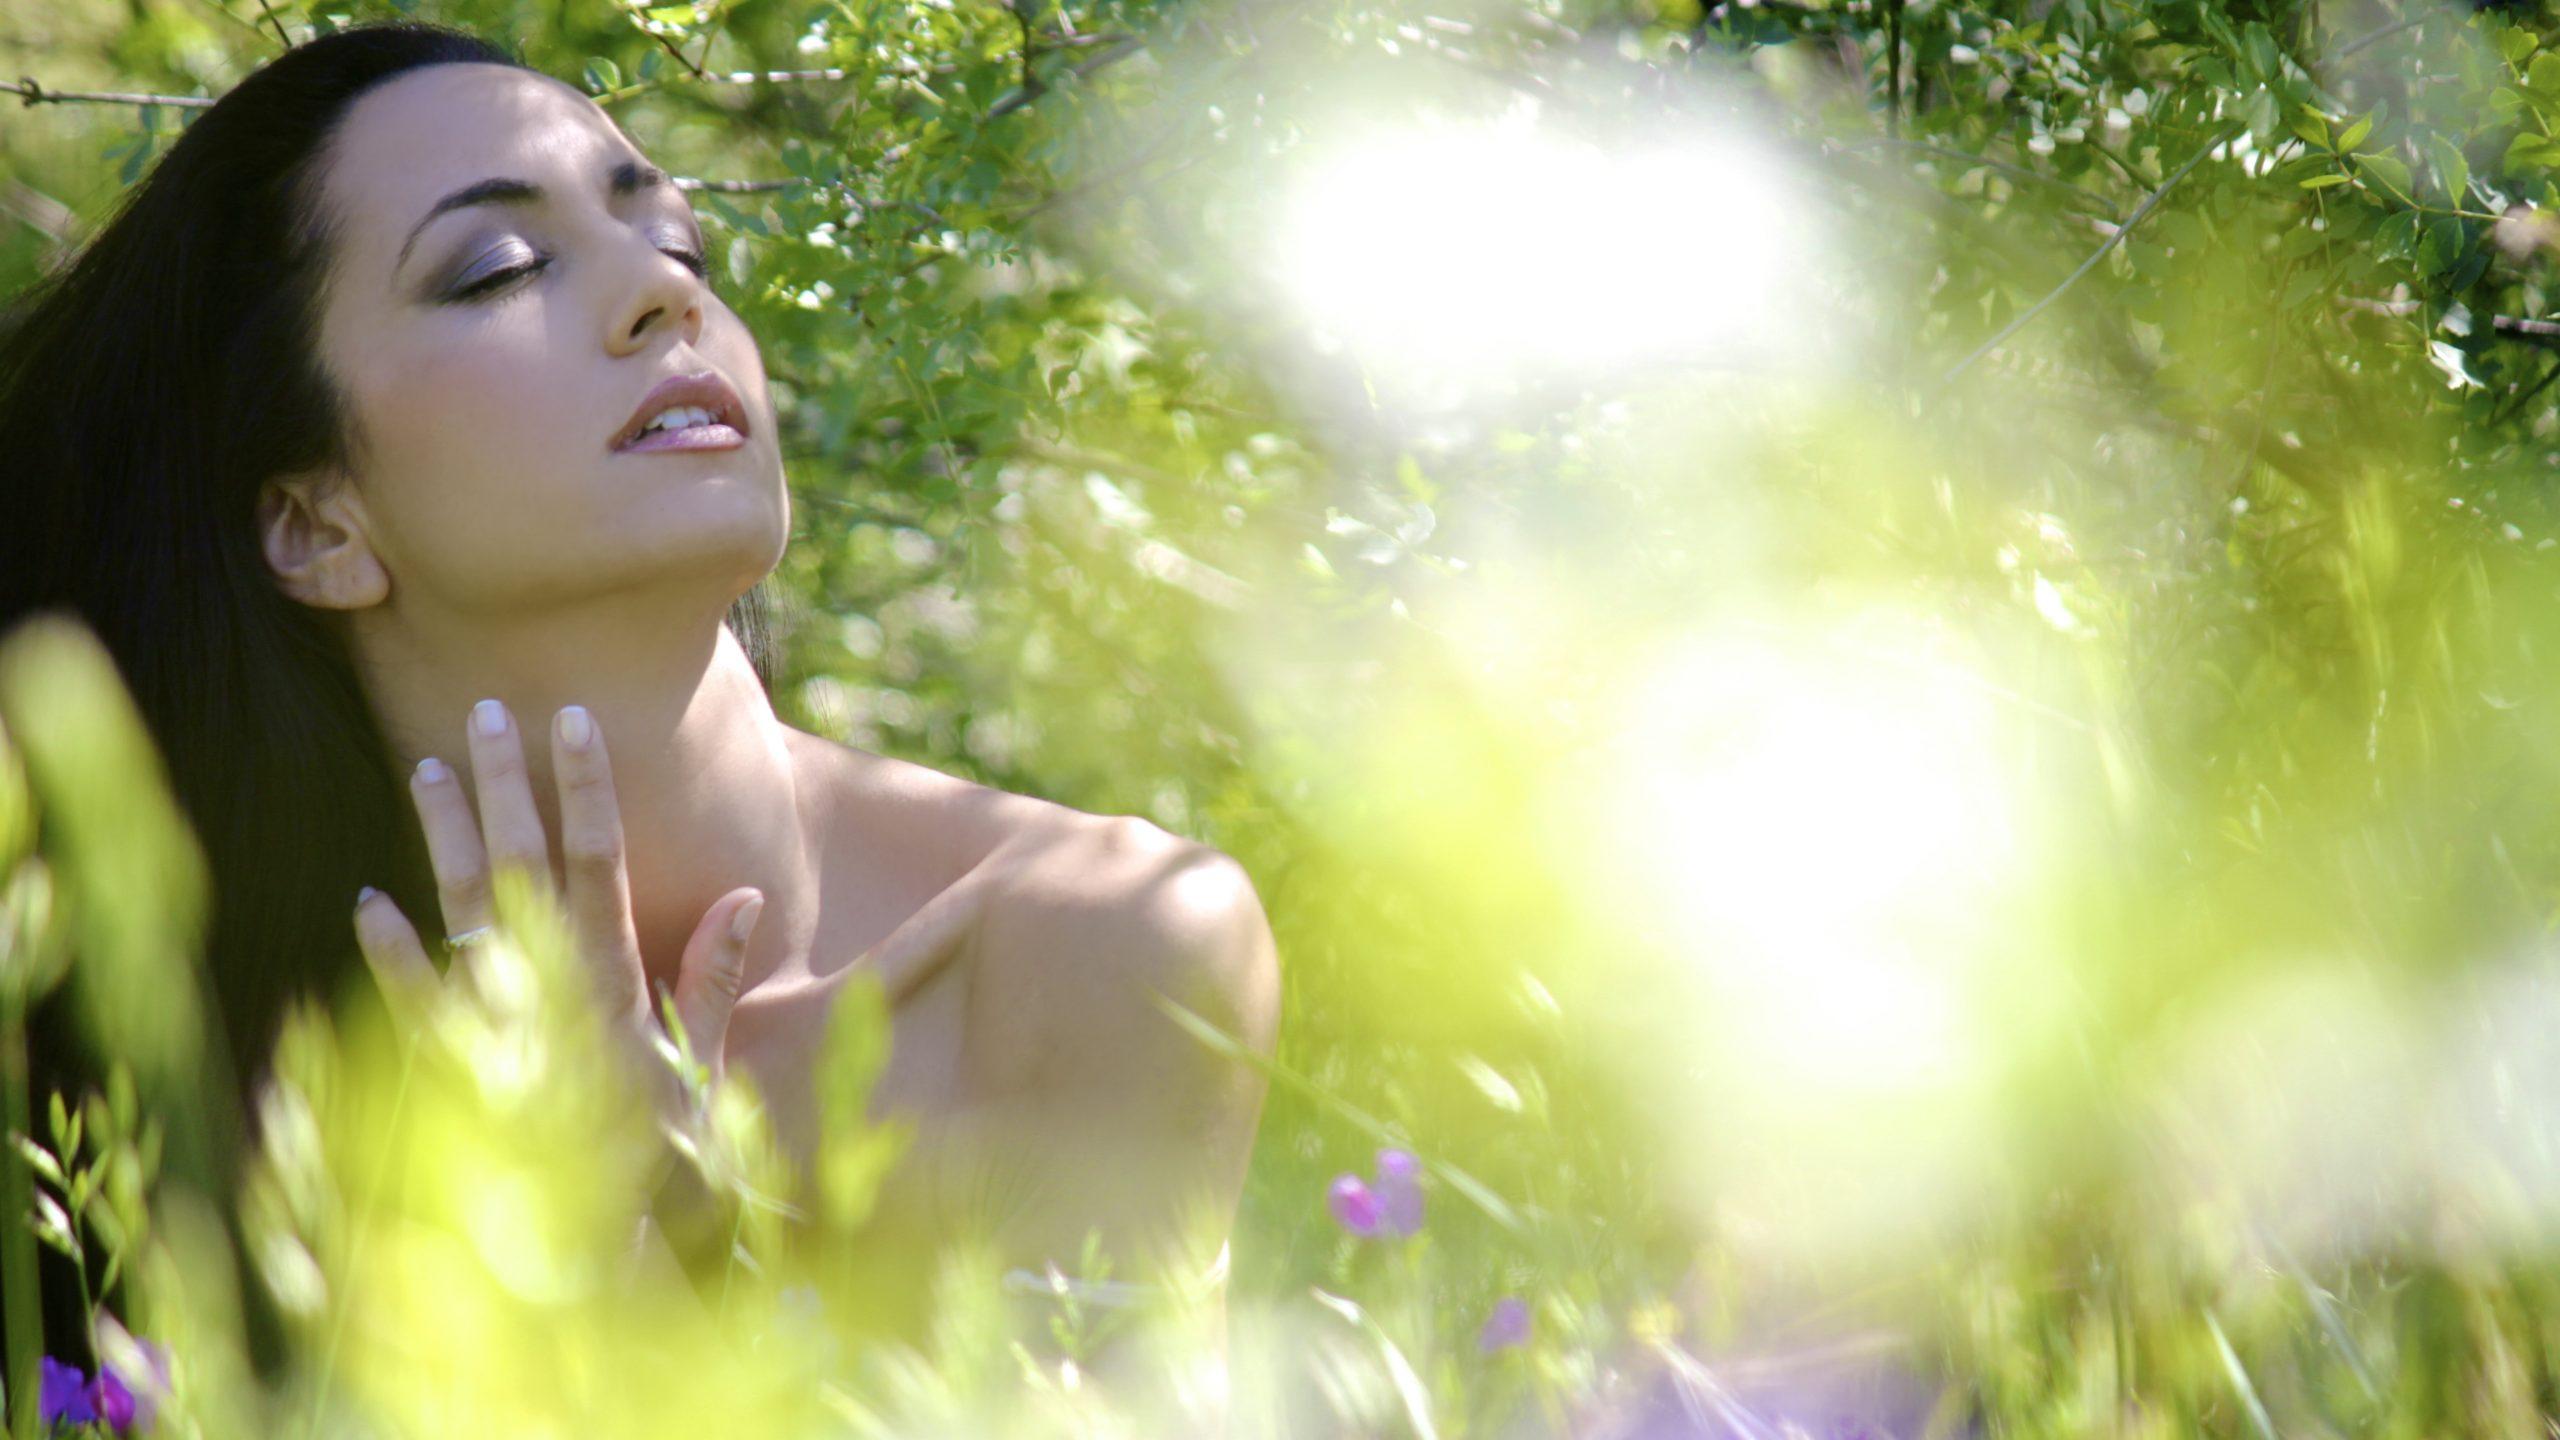 Cómo cuidar la piel antes y después del sol